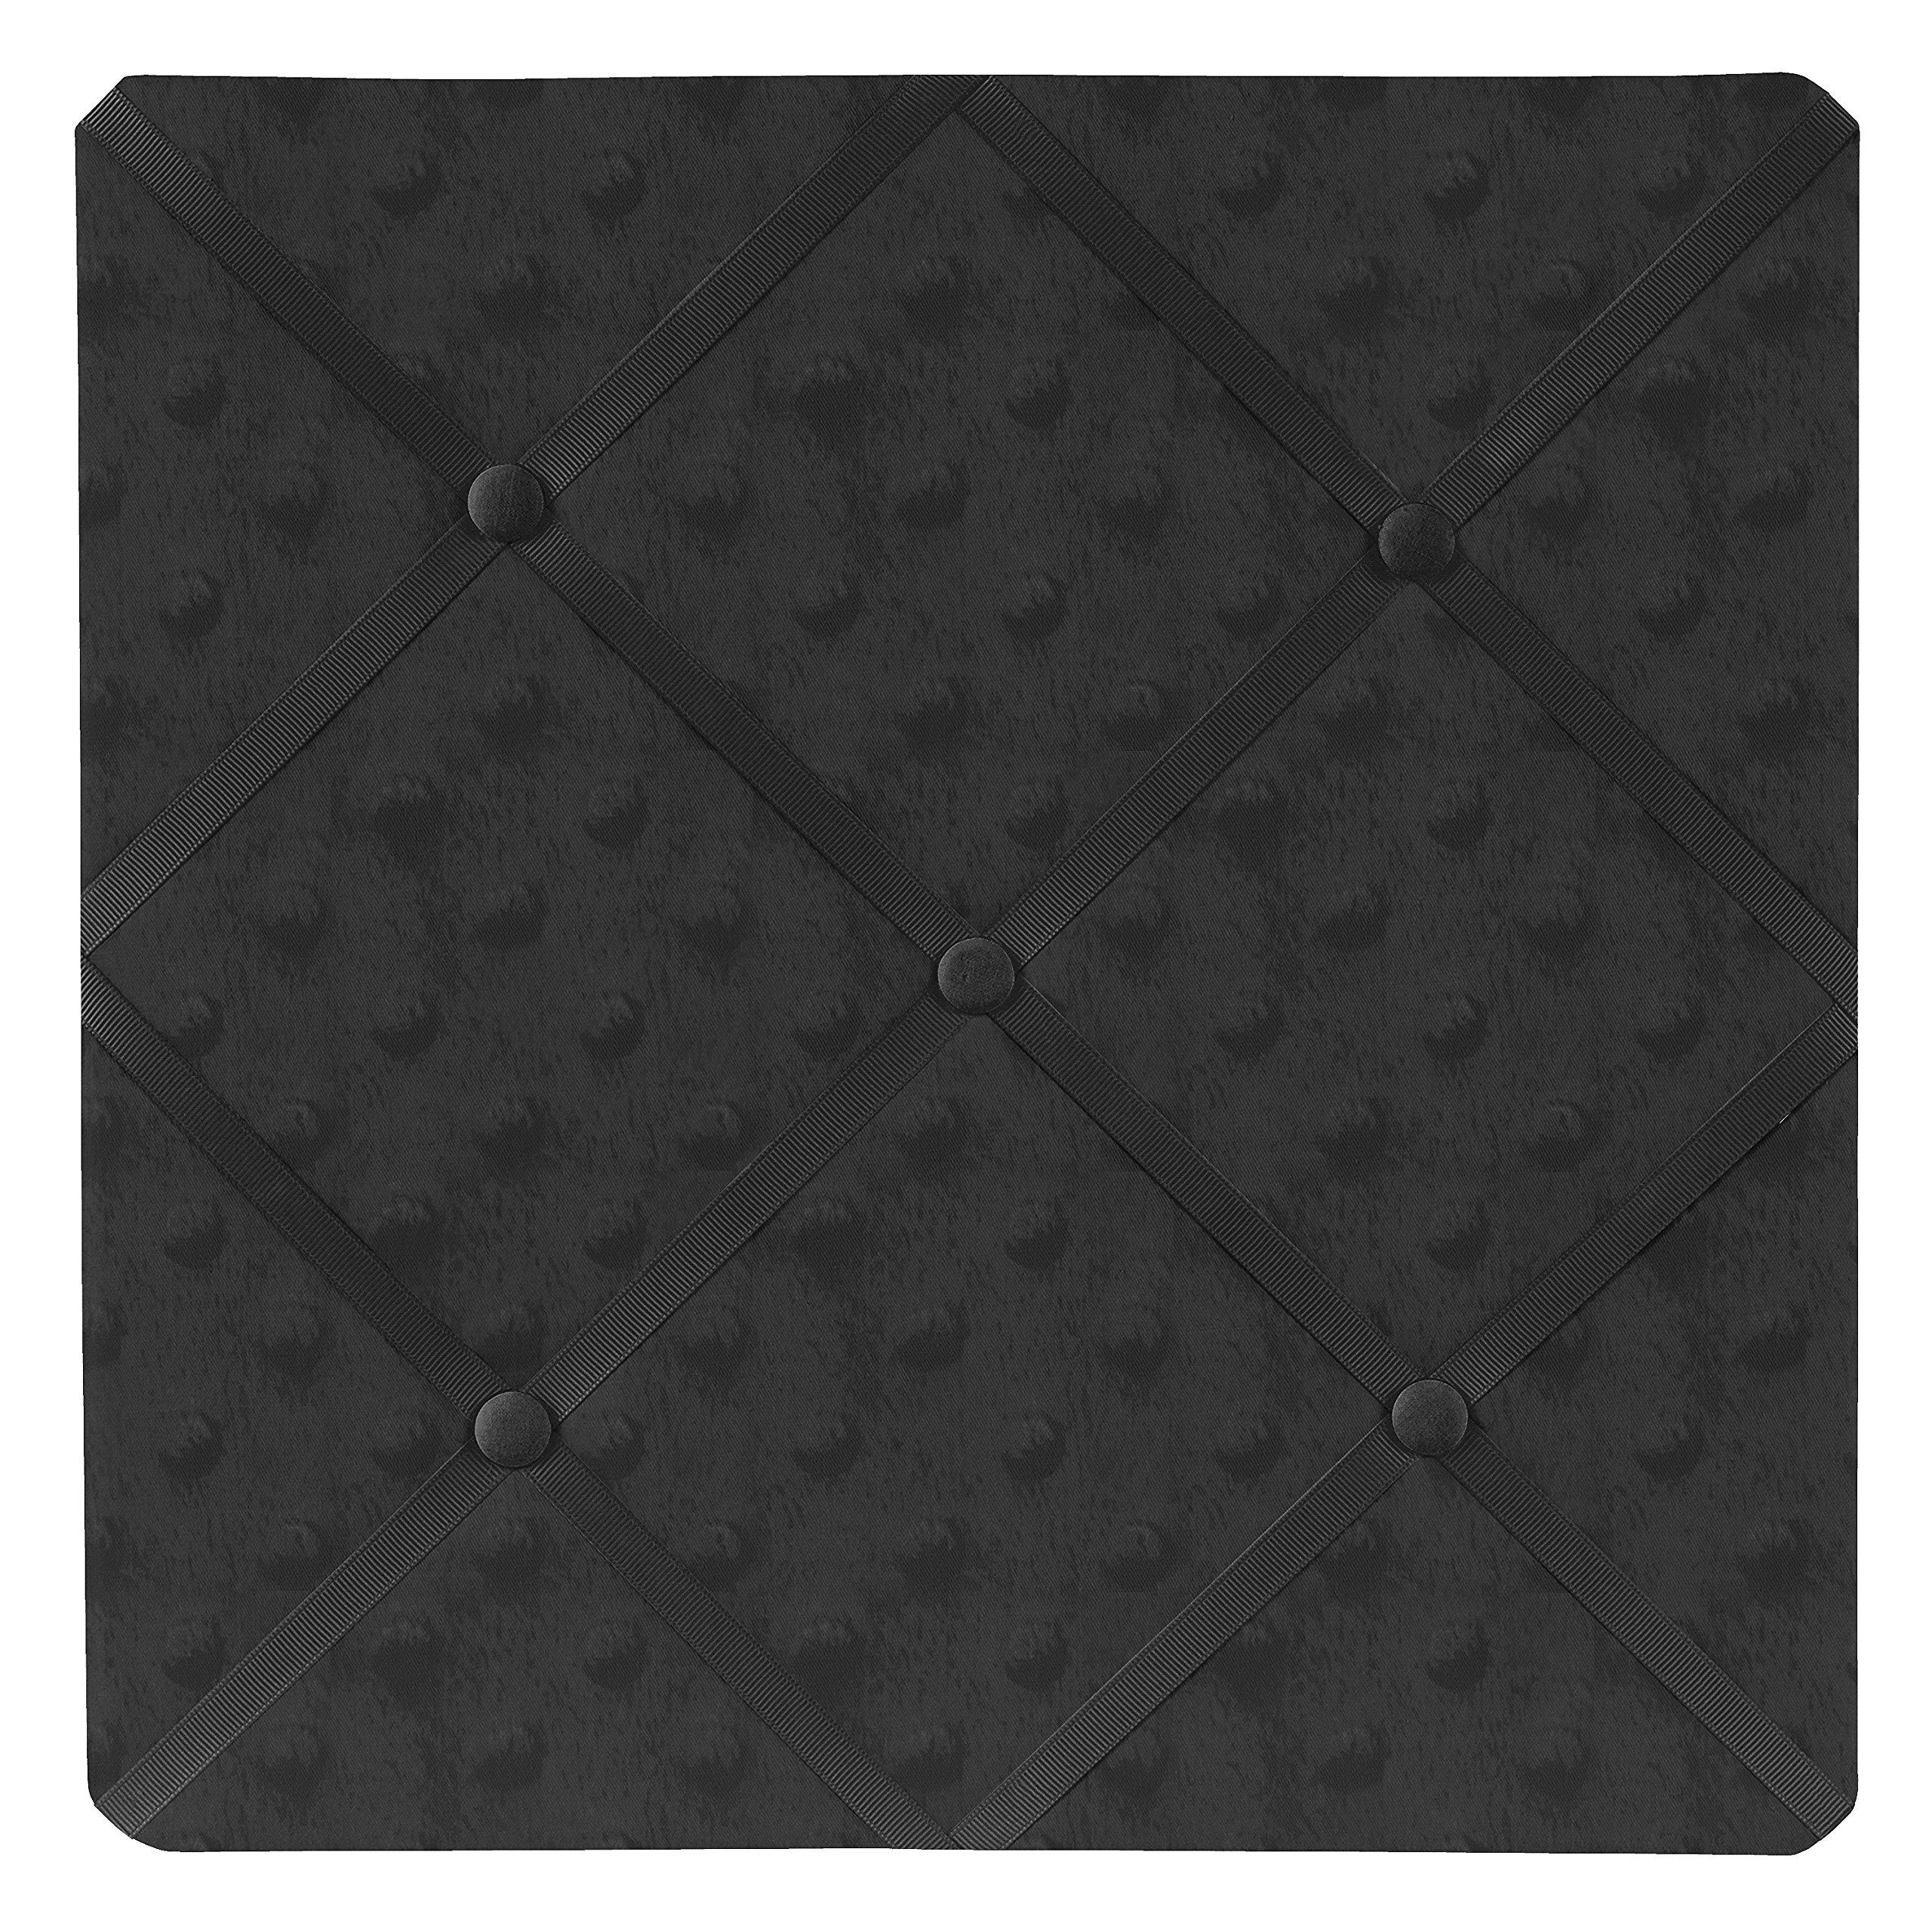 Sweet Jojo Designs Solid Black Minky Dot Fabric Memory/Memo Photo Bulletin Board by Sweet Jojo Designs